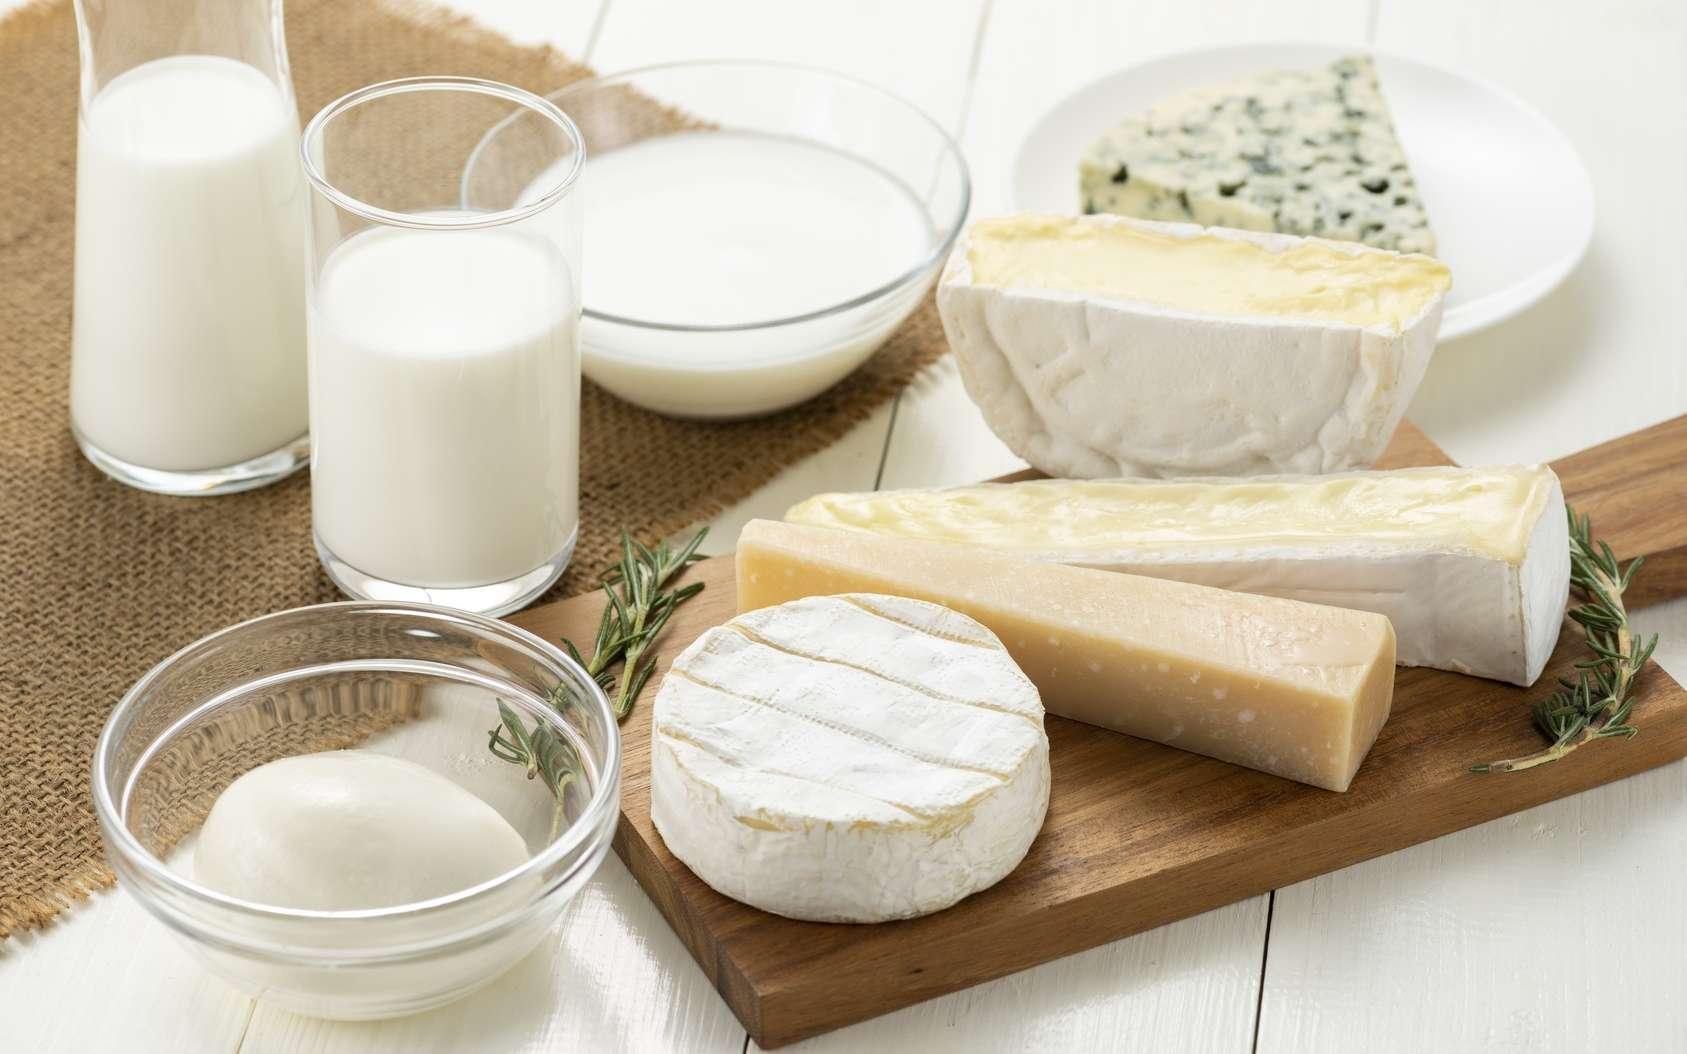 Les produits laitiers contiennent des lipides polaires qui seraient bénéfiques pour la santé cardiovasculaire de personnes à risque. © kai, Fotolia